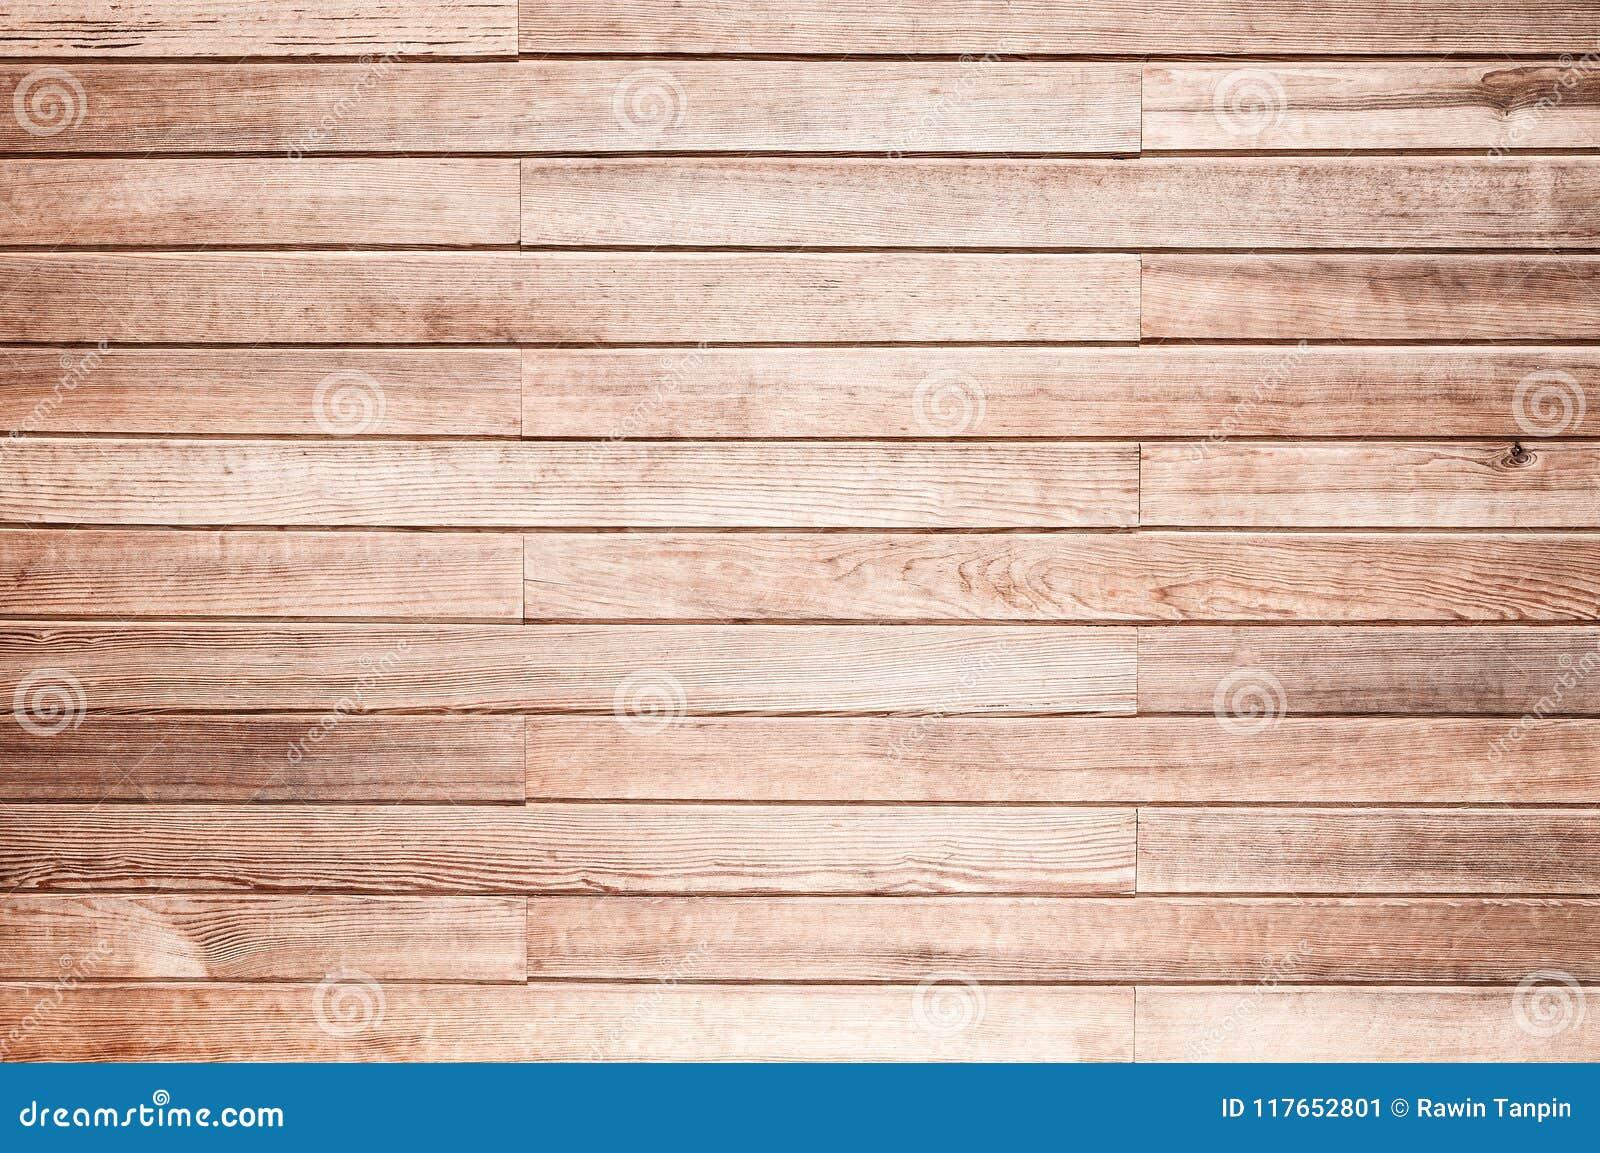 La Plinthe Du Mur texture en bois de planche de mur image stock - image du